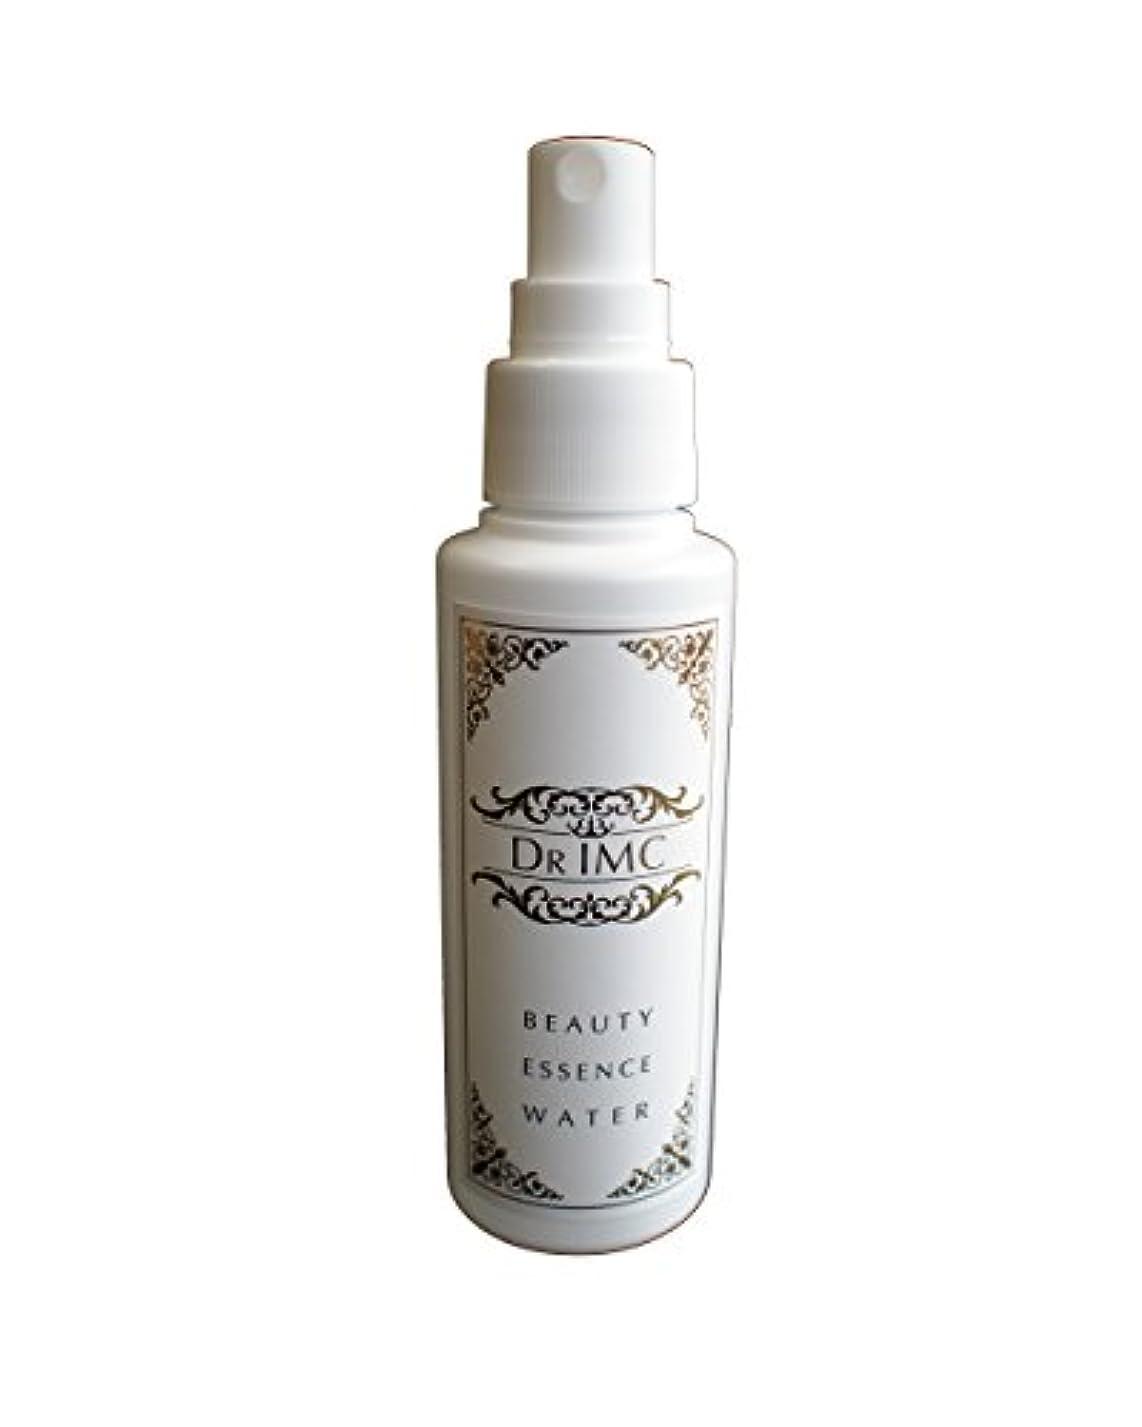 社説ビザバターIMC美容水 【 DR IMC 】 細胞膜と同じ構造を持ったAIPCコポリマーがお肌を守ります <効果は医学的に実証済み>